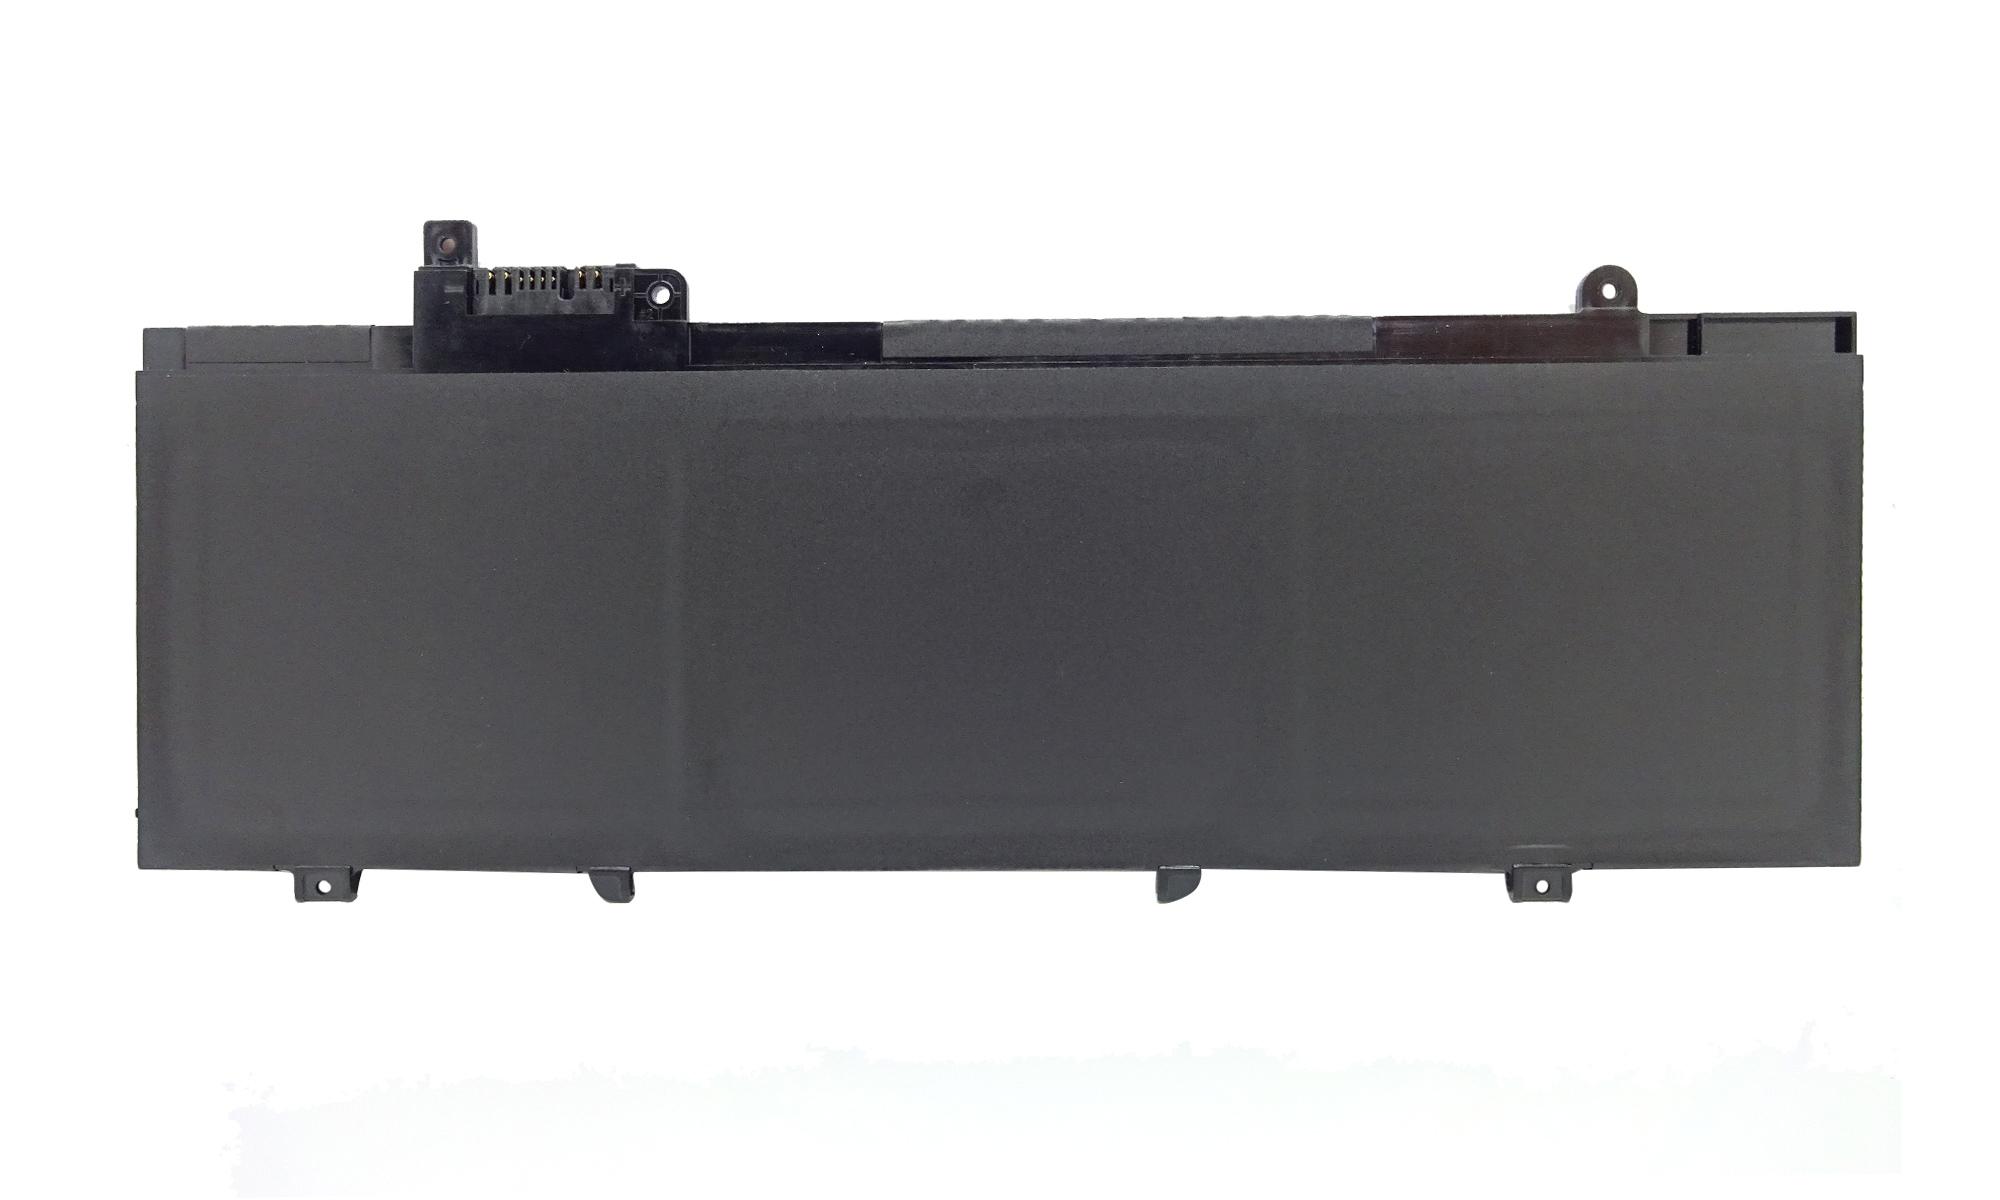 Baterie originala Lenovo ThinkPad T480s, 4708 mAh, 57Wh, model L17L3P71